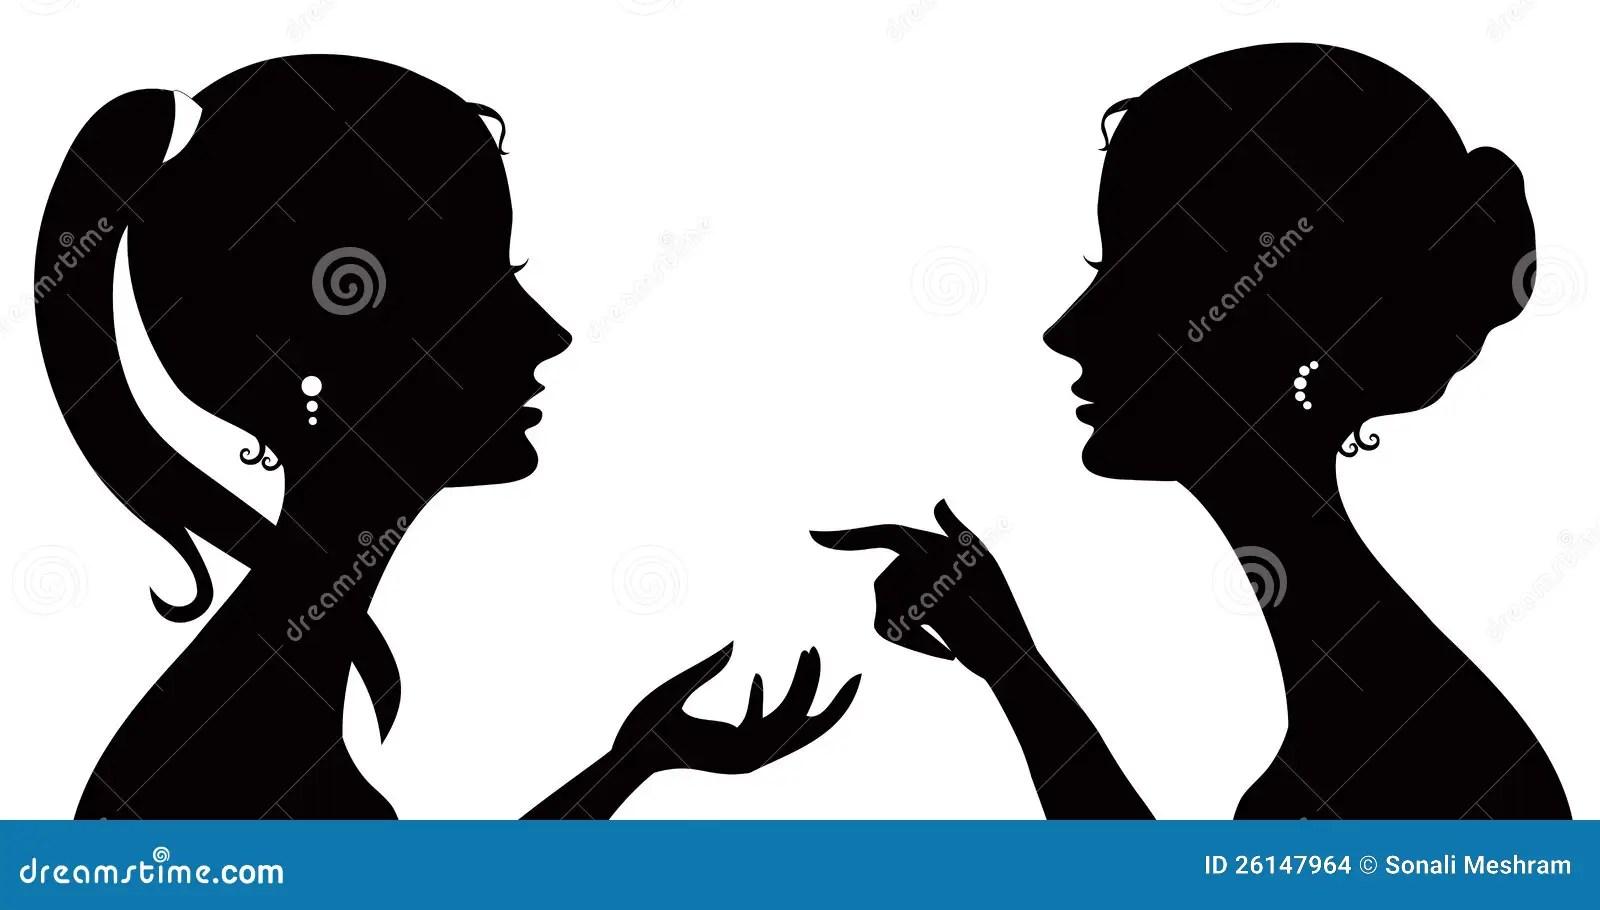 Gossip Girl Cartoon Wallpaper Gossip Silhouette Stock Vector Image Of Artistic